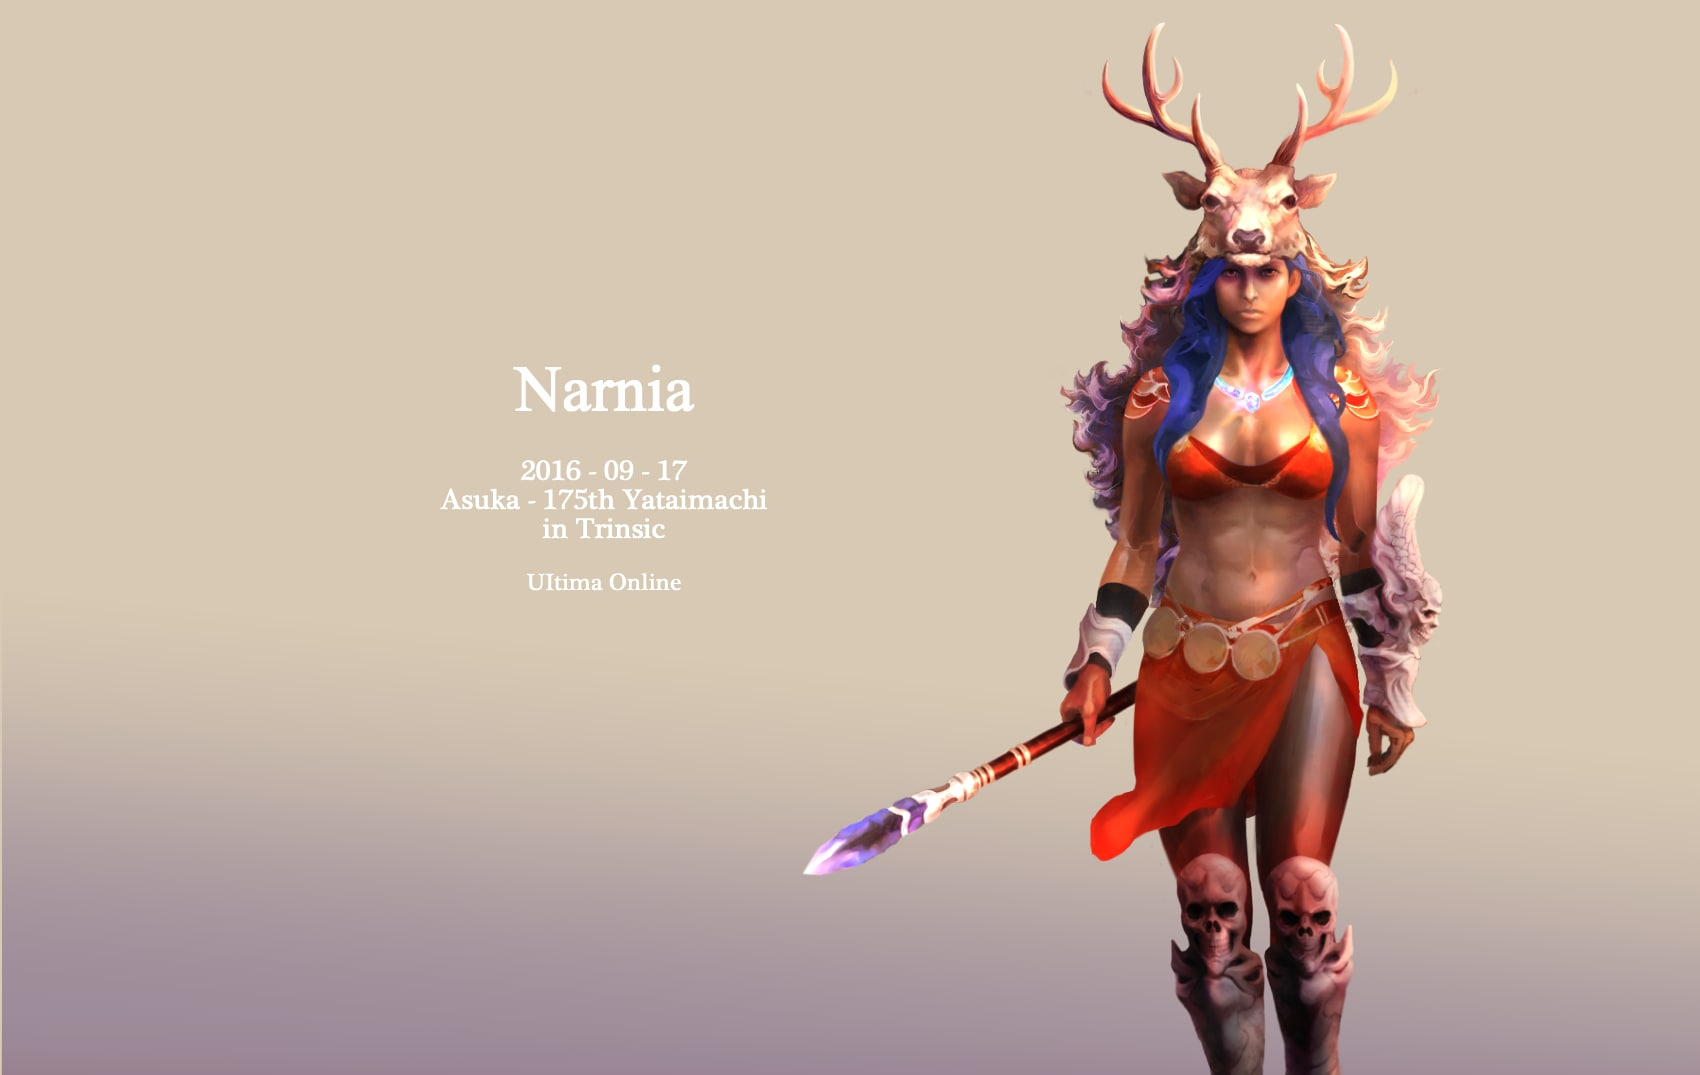 Narniaさん